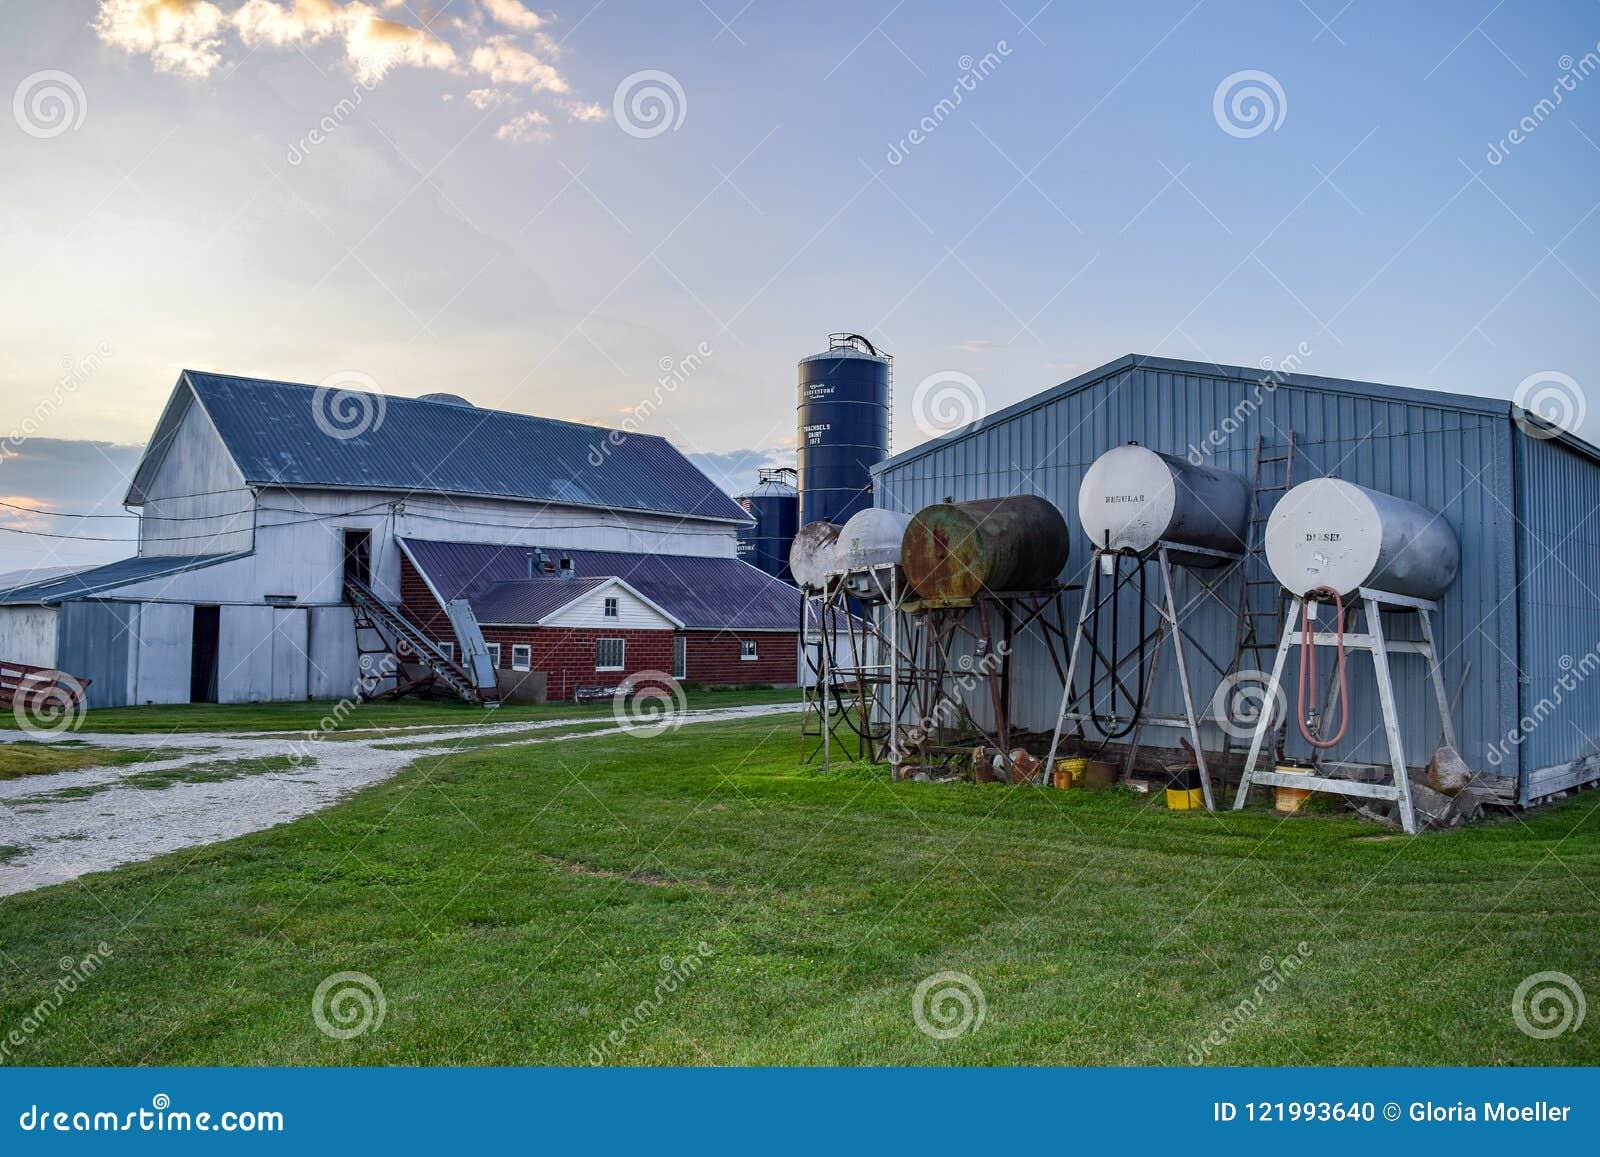 Iowa Farm Outbuildings